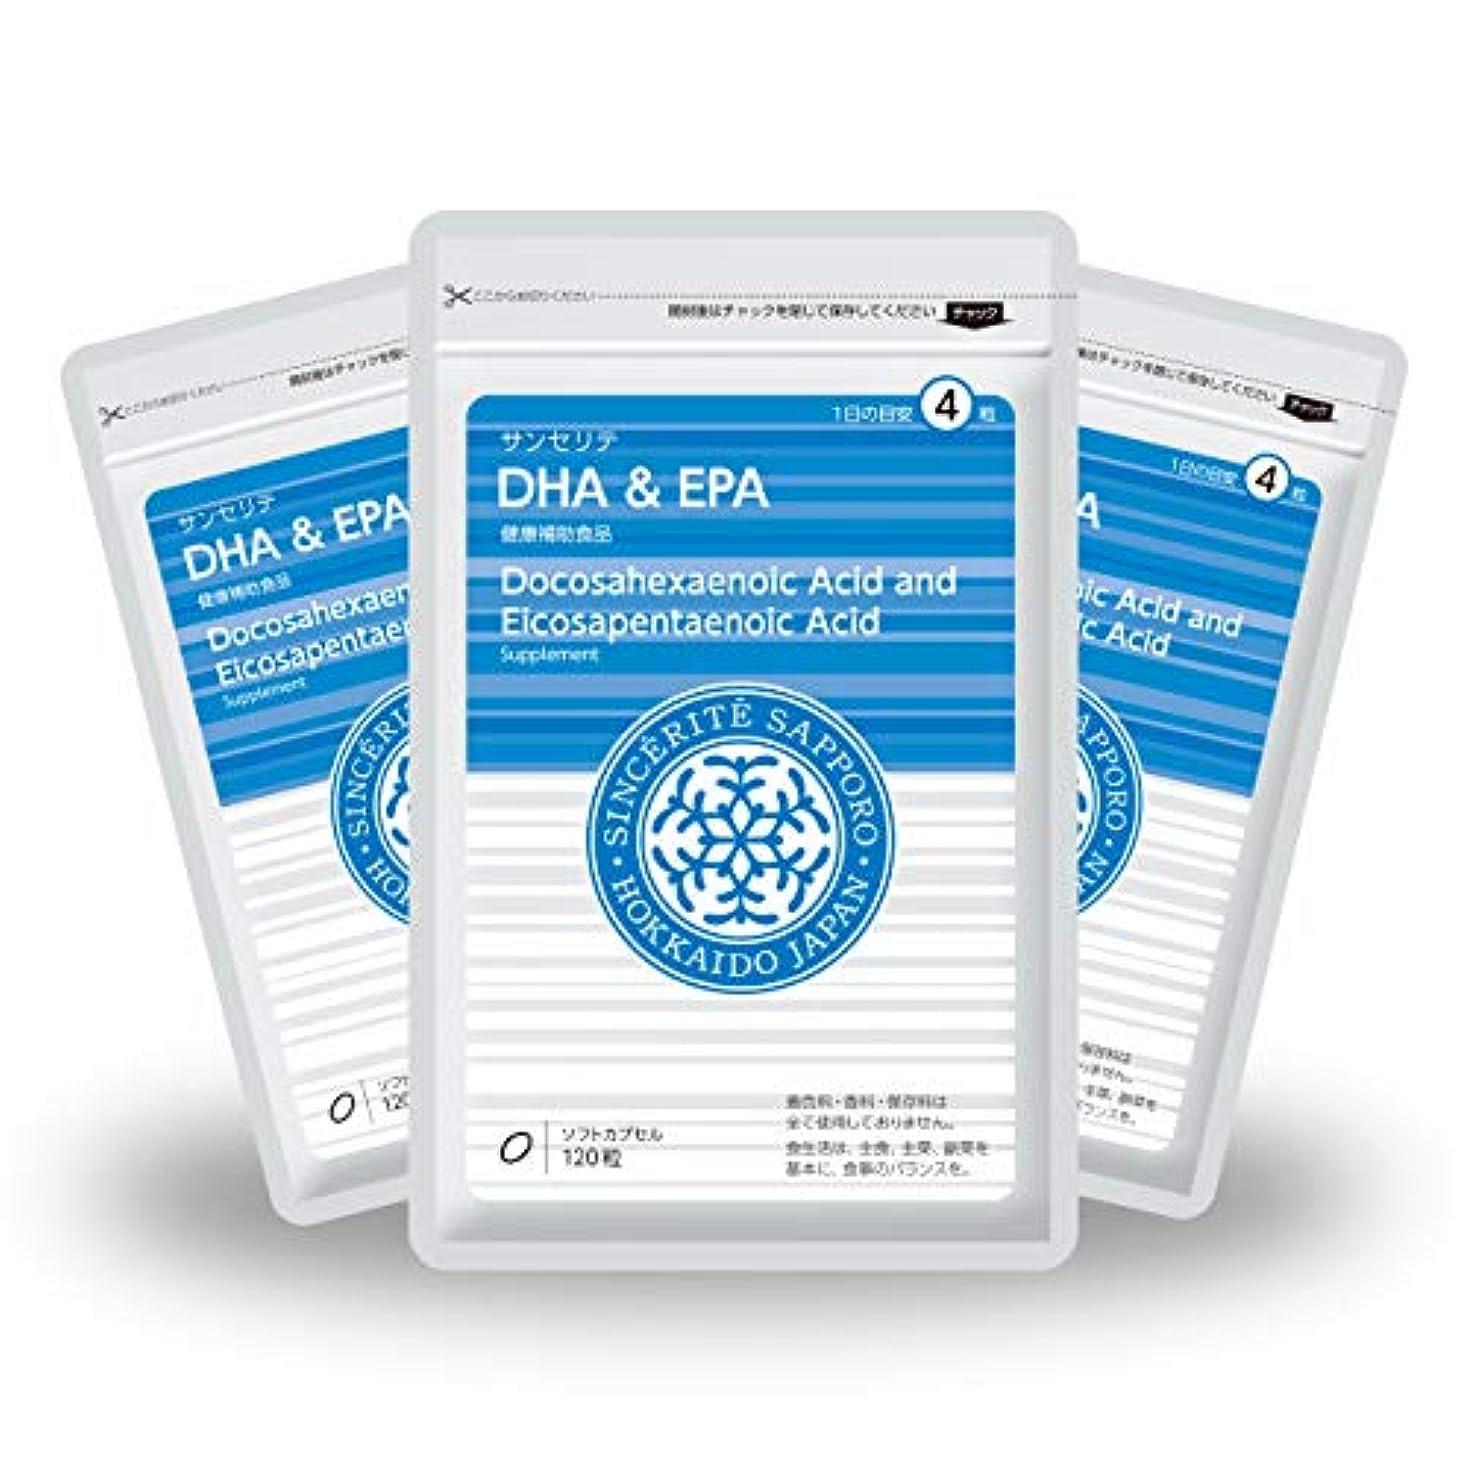 墓強調申請中DHA&EPA 3袋セット[送料無料][DHA]433mg配合[国内製造]お得な90日分